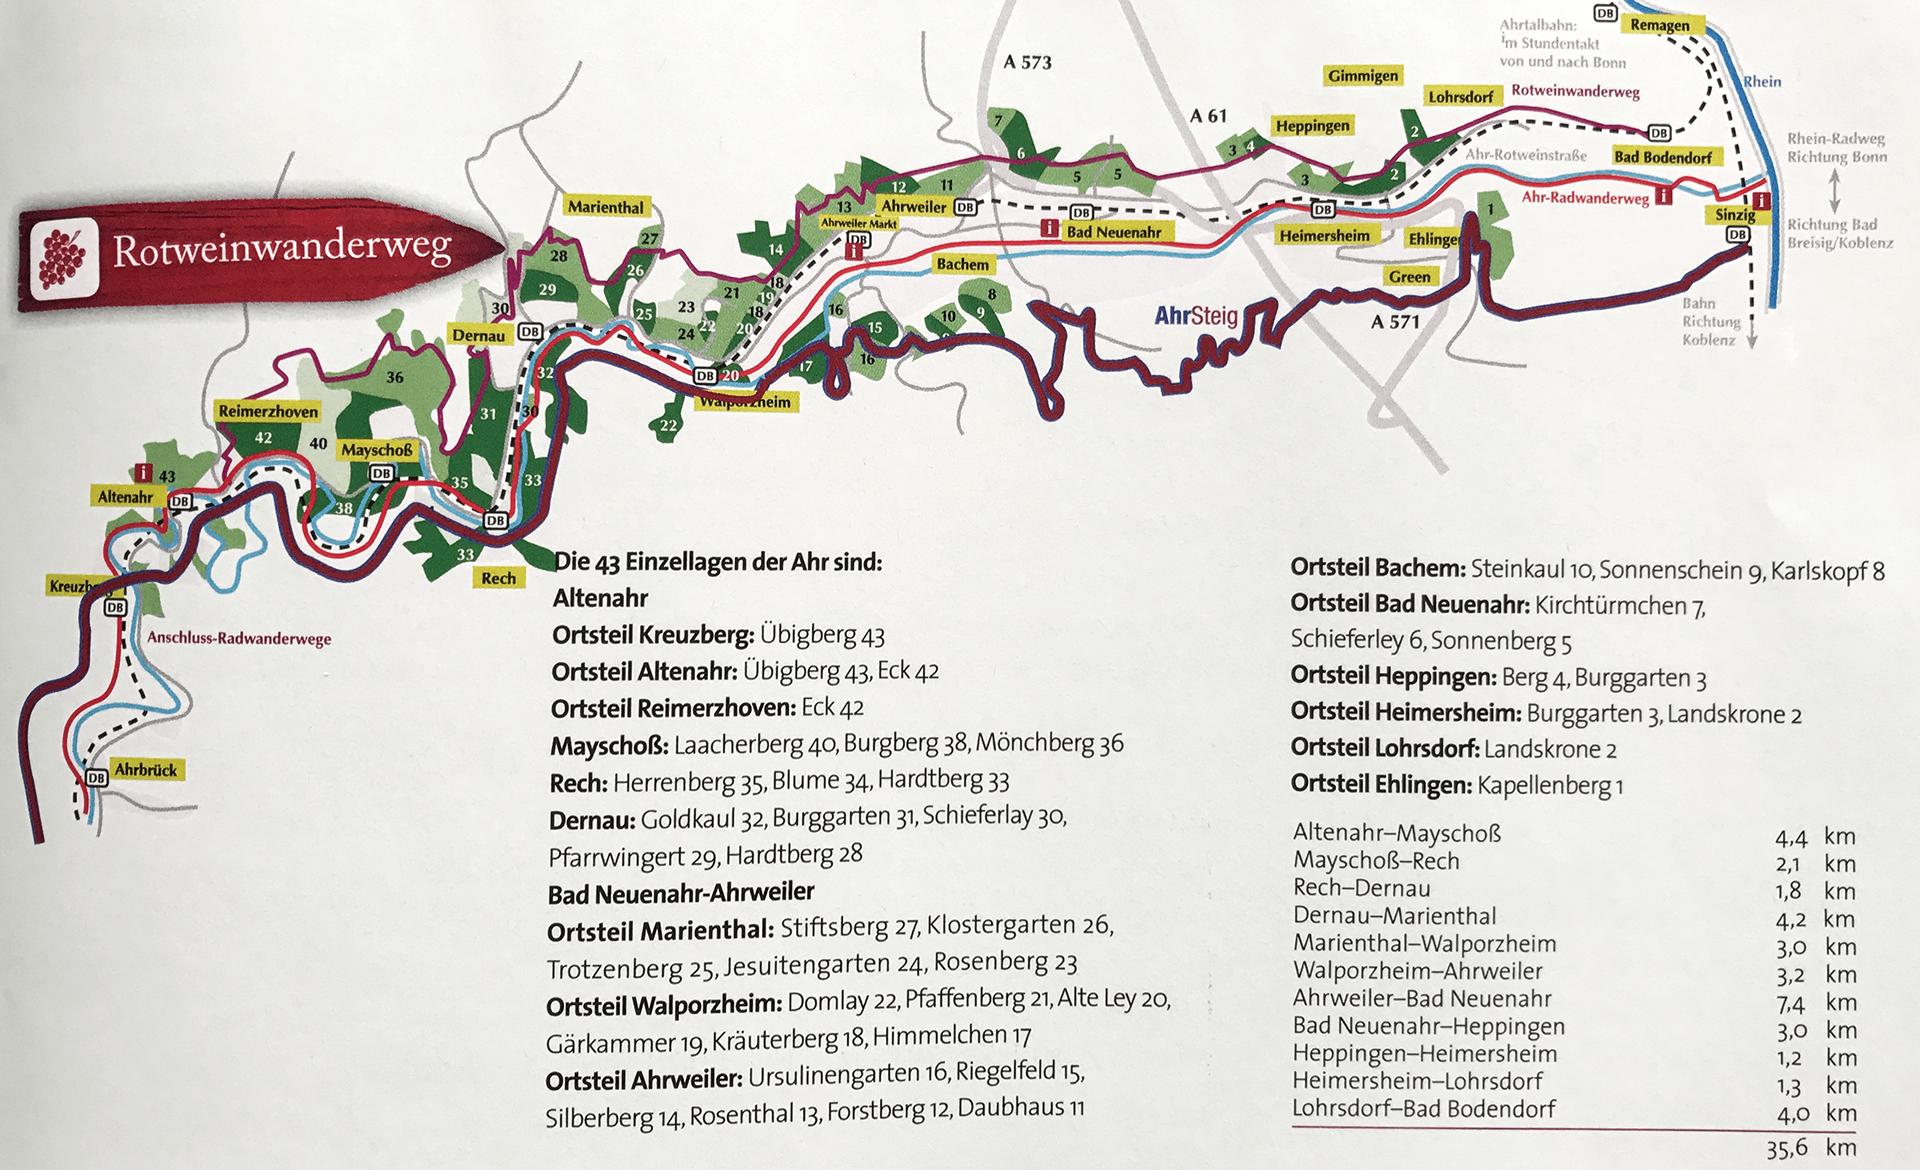 rotweinwanderweg karte Rotweinwanderweg entlang der Ahr von Kreuzberg bis Bad Bodendorf